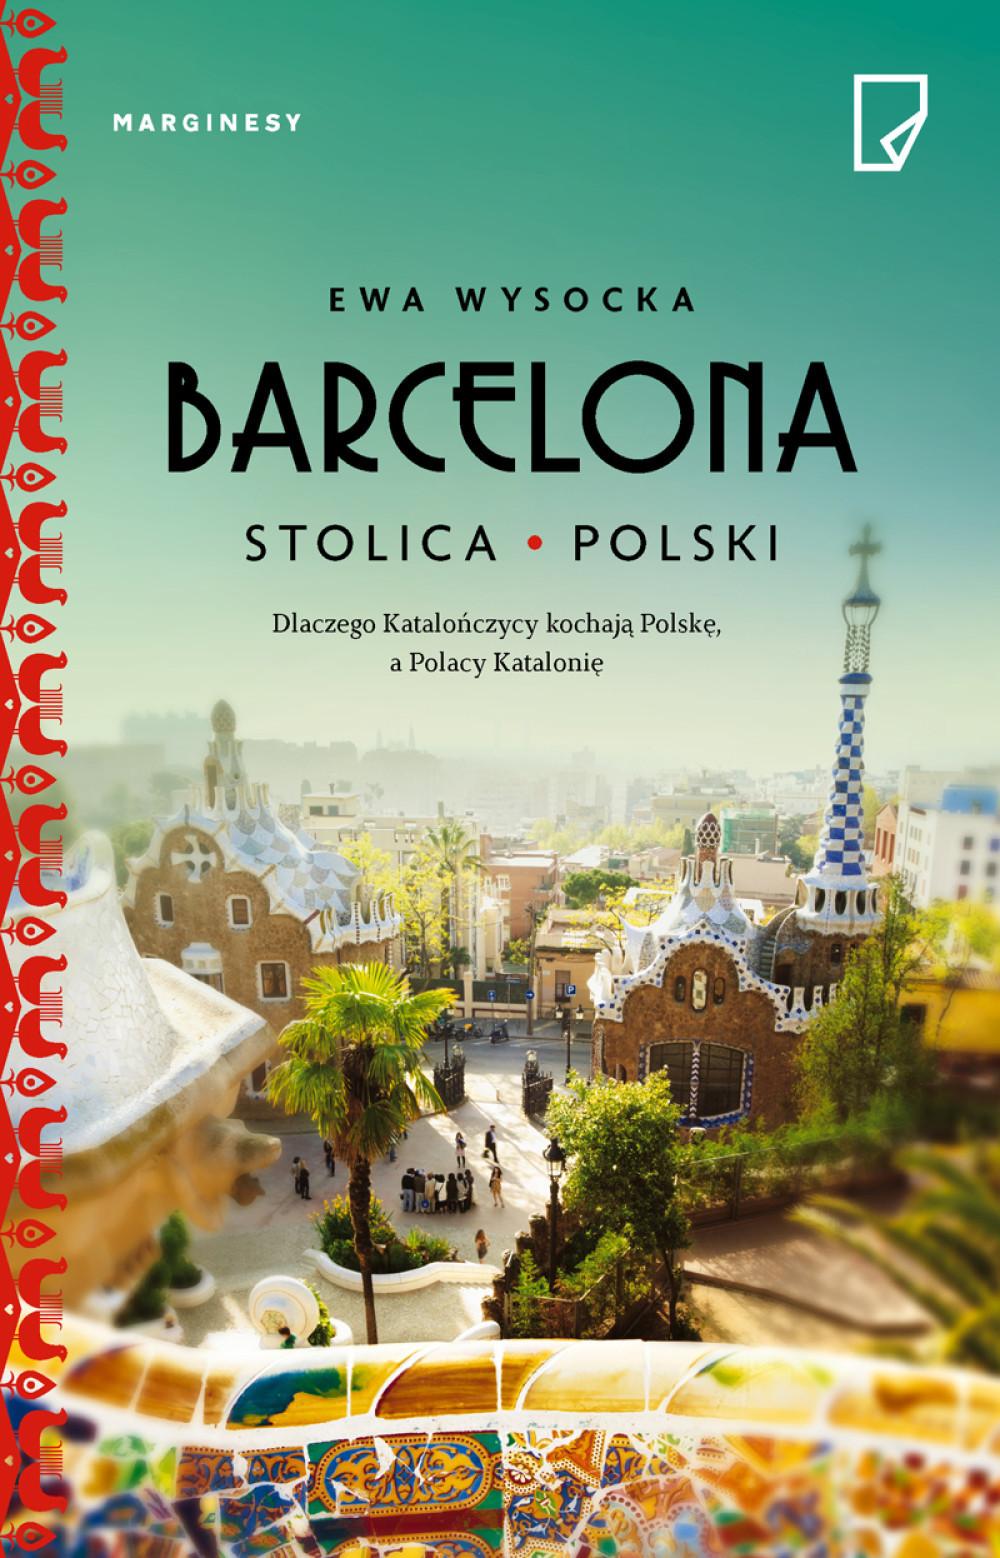 Barcelona - stolica Polski ebook